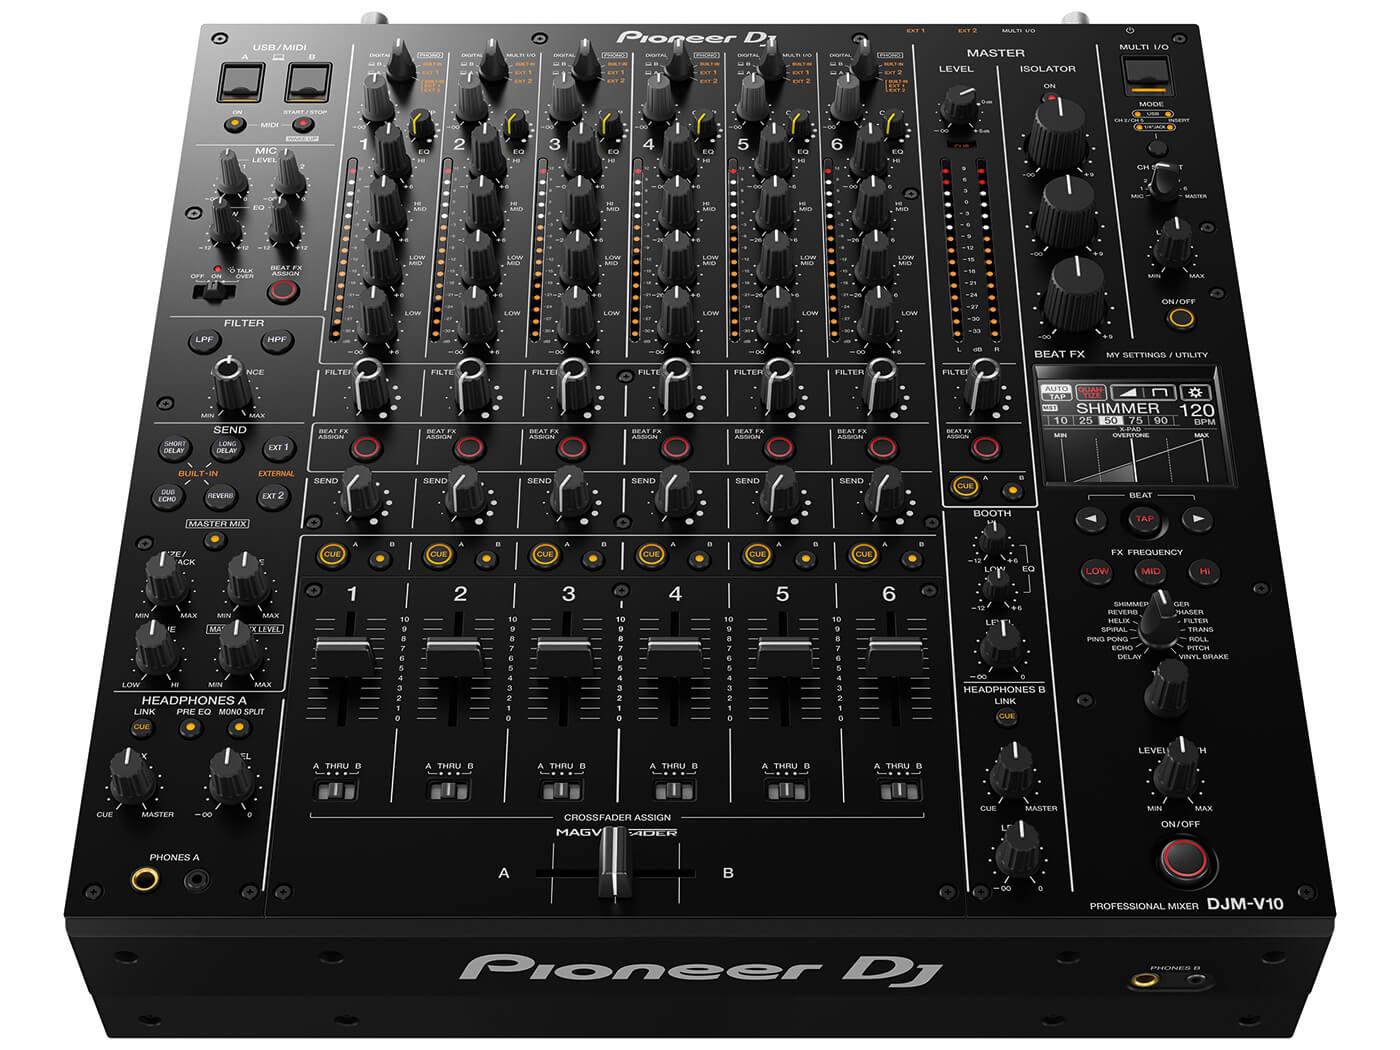 Pioneer DJM-V10 Mixer